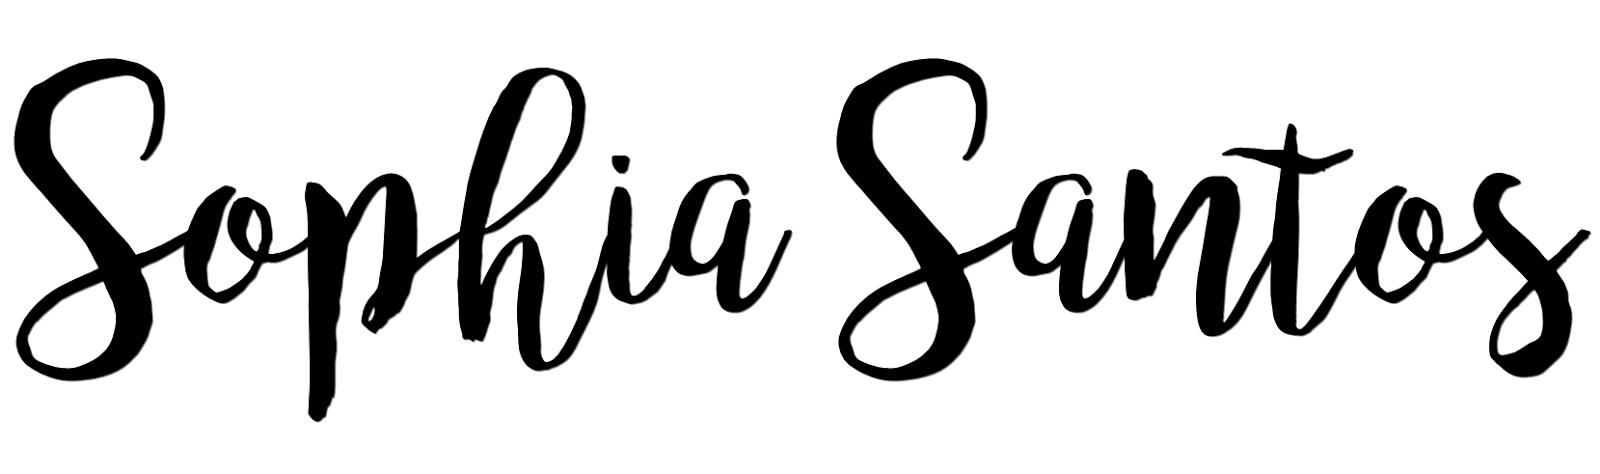 Sophia Santos